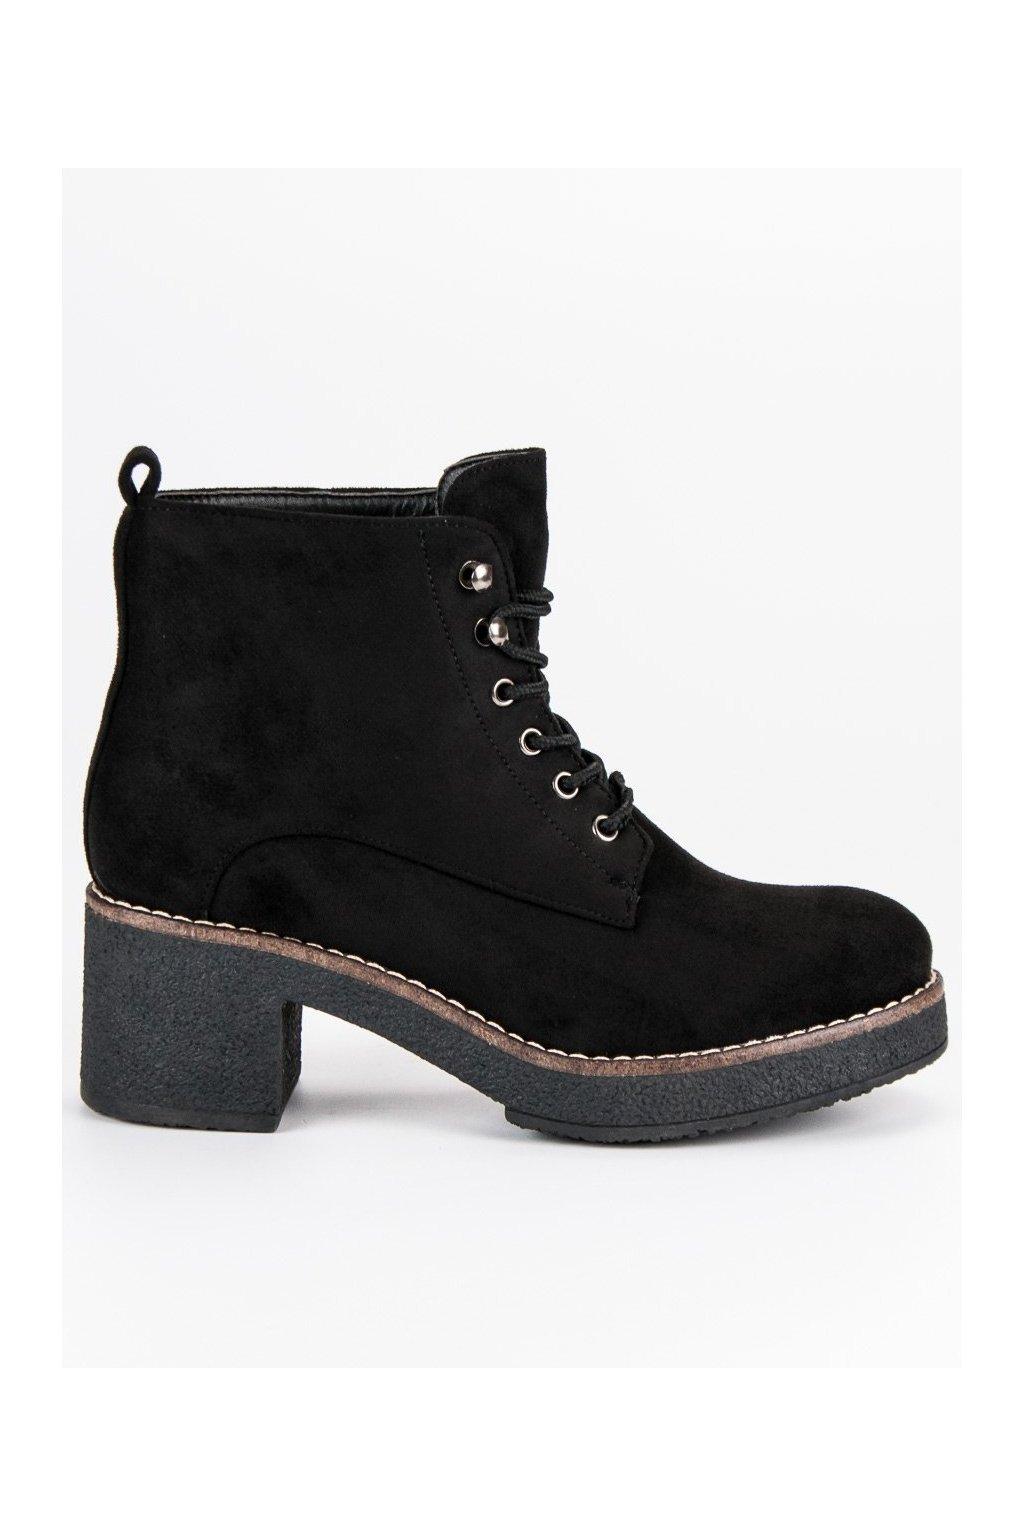 Čierne semišové topánky na podpätku BM129B